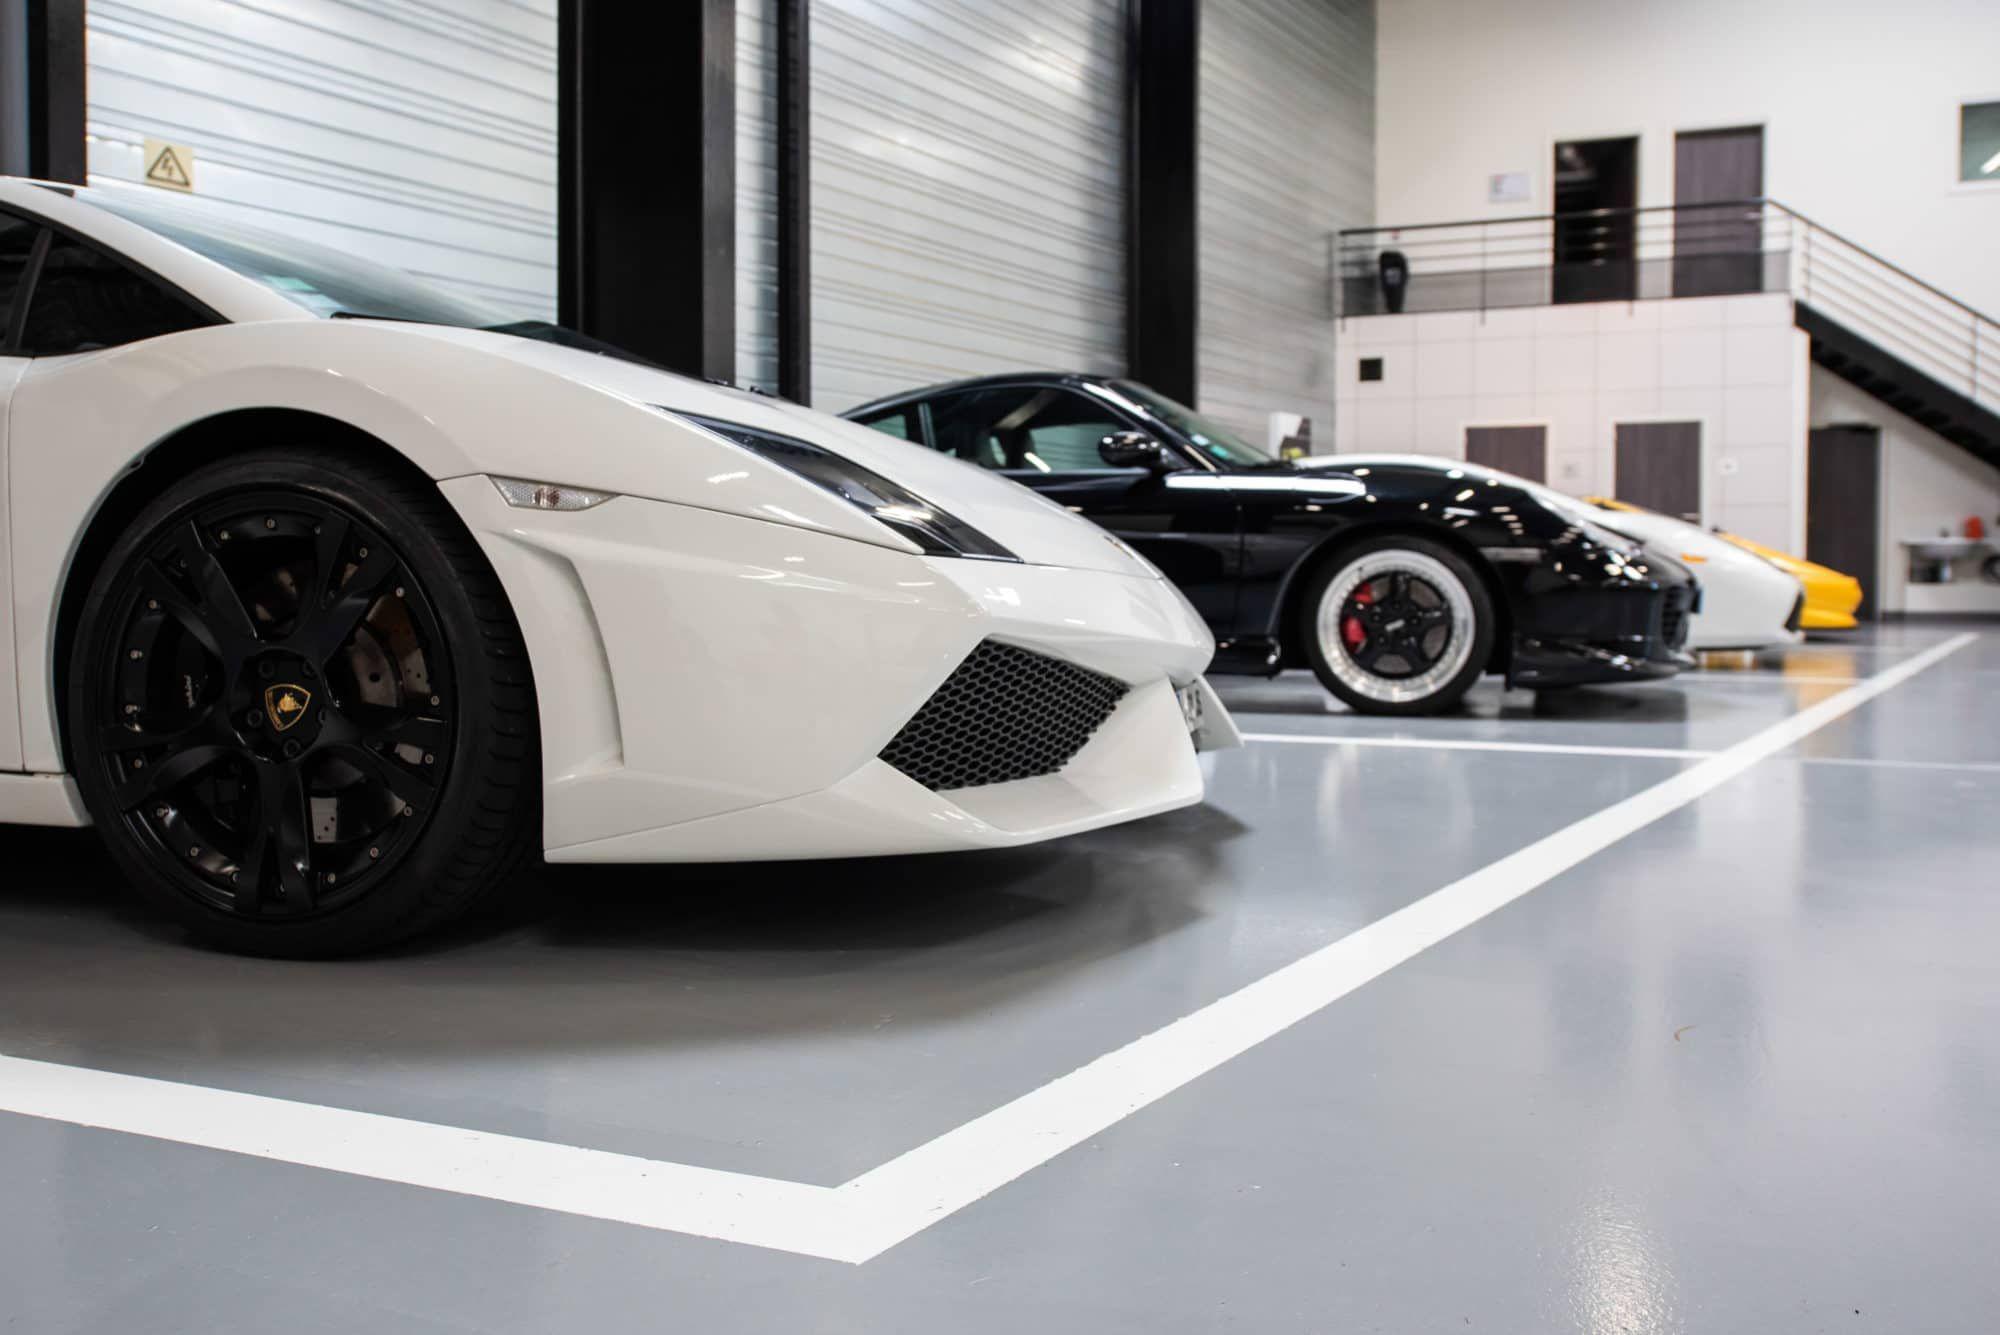 Lamborghini Bordeaux Unikalo L Atelier Est Un Espace Dynamique Où Le Mécanicien De La Concession Vient Entretenir Les Différente Lamborghini Voiture Bordeaux